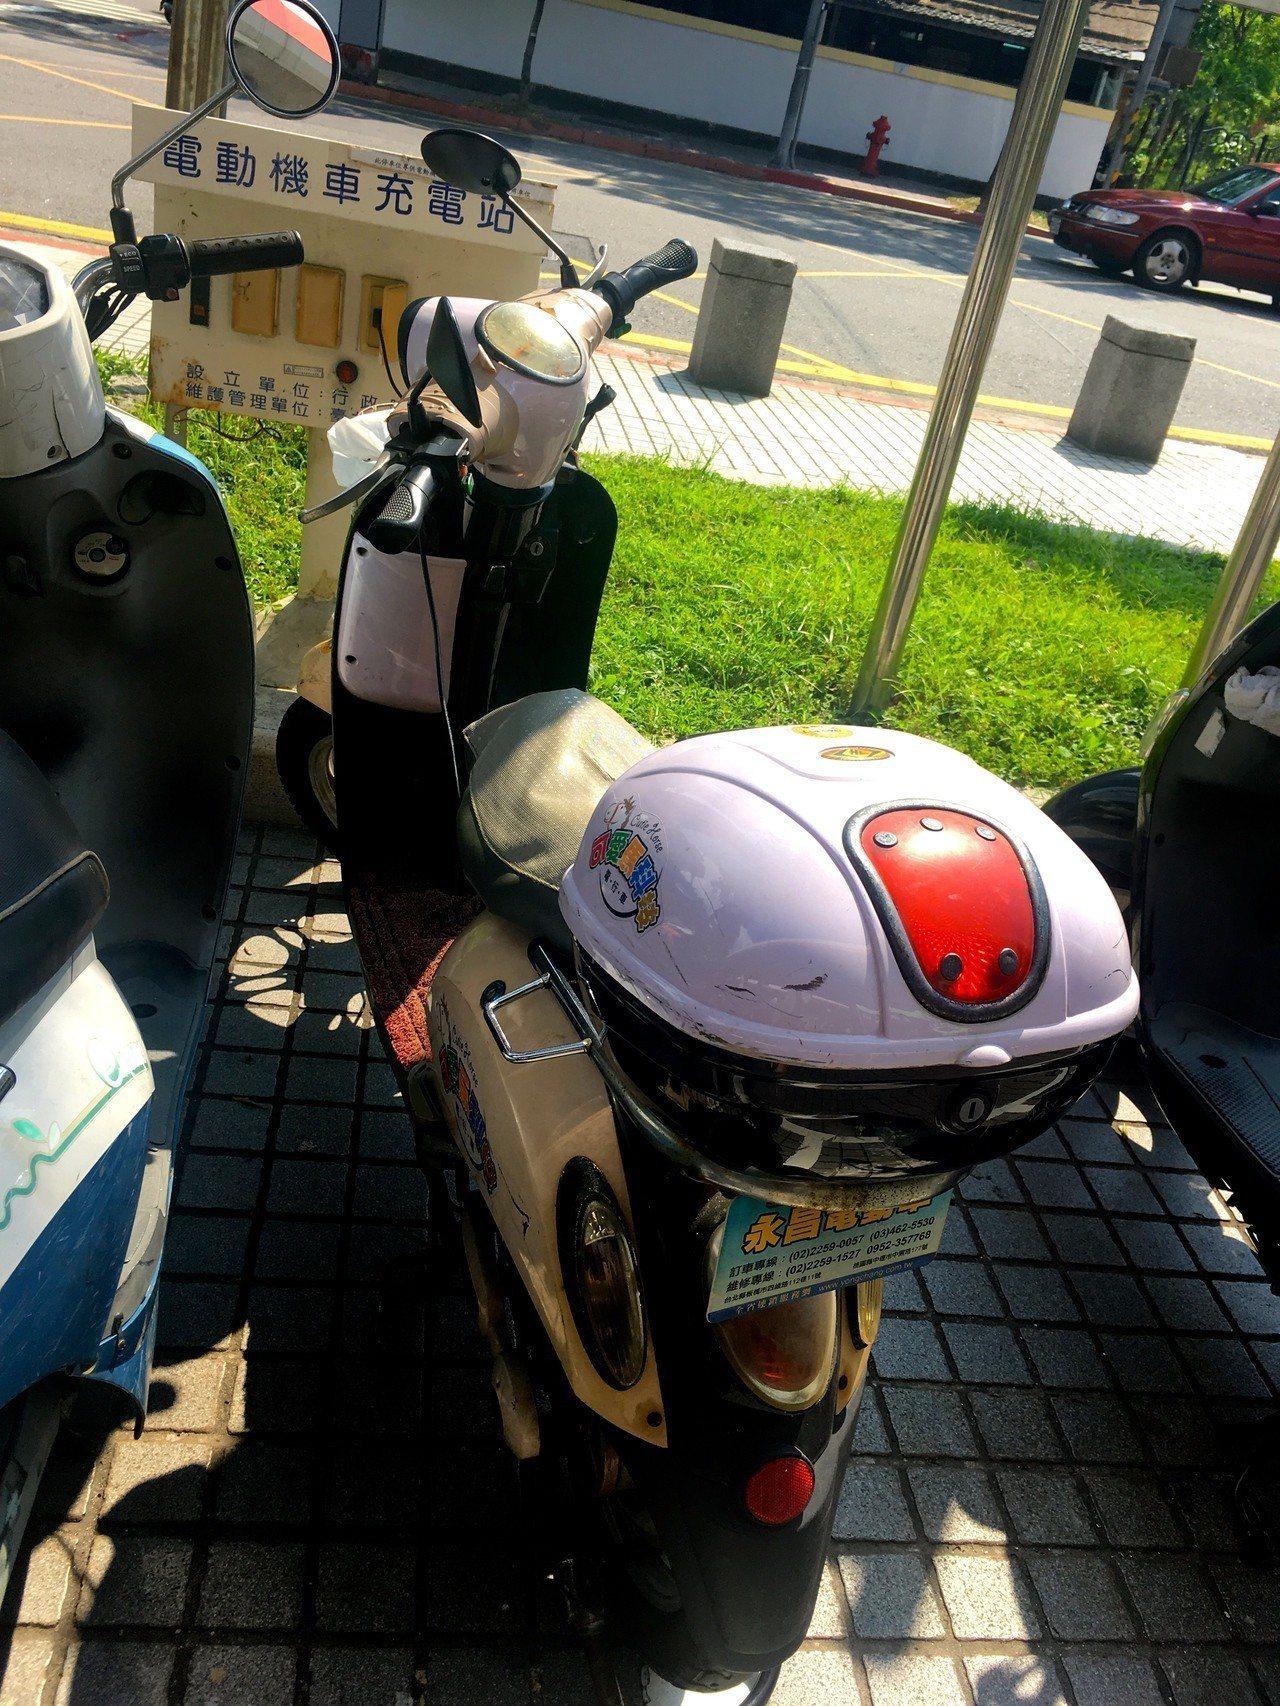 環保署將檢討電動機車充電站的使用狀況。記者雷光涵/攝影